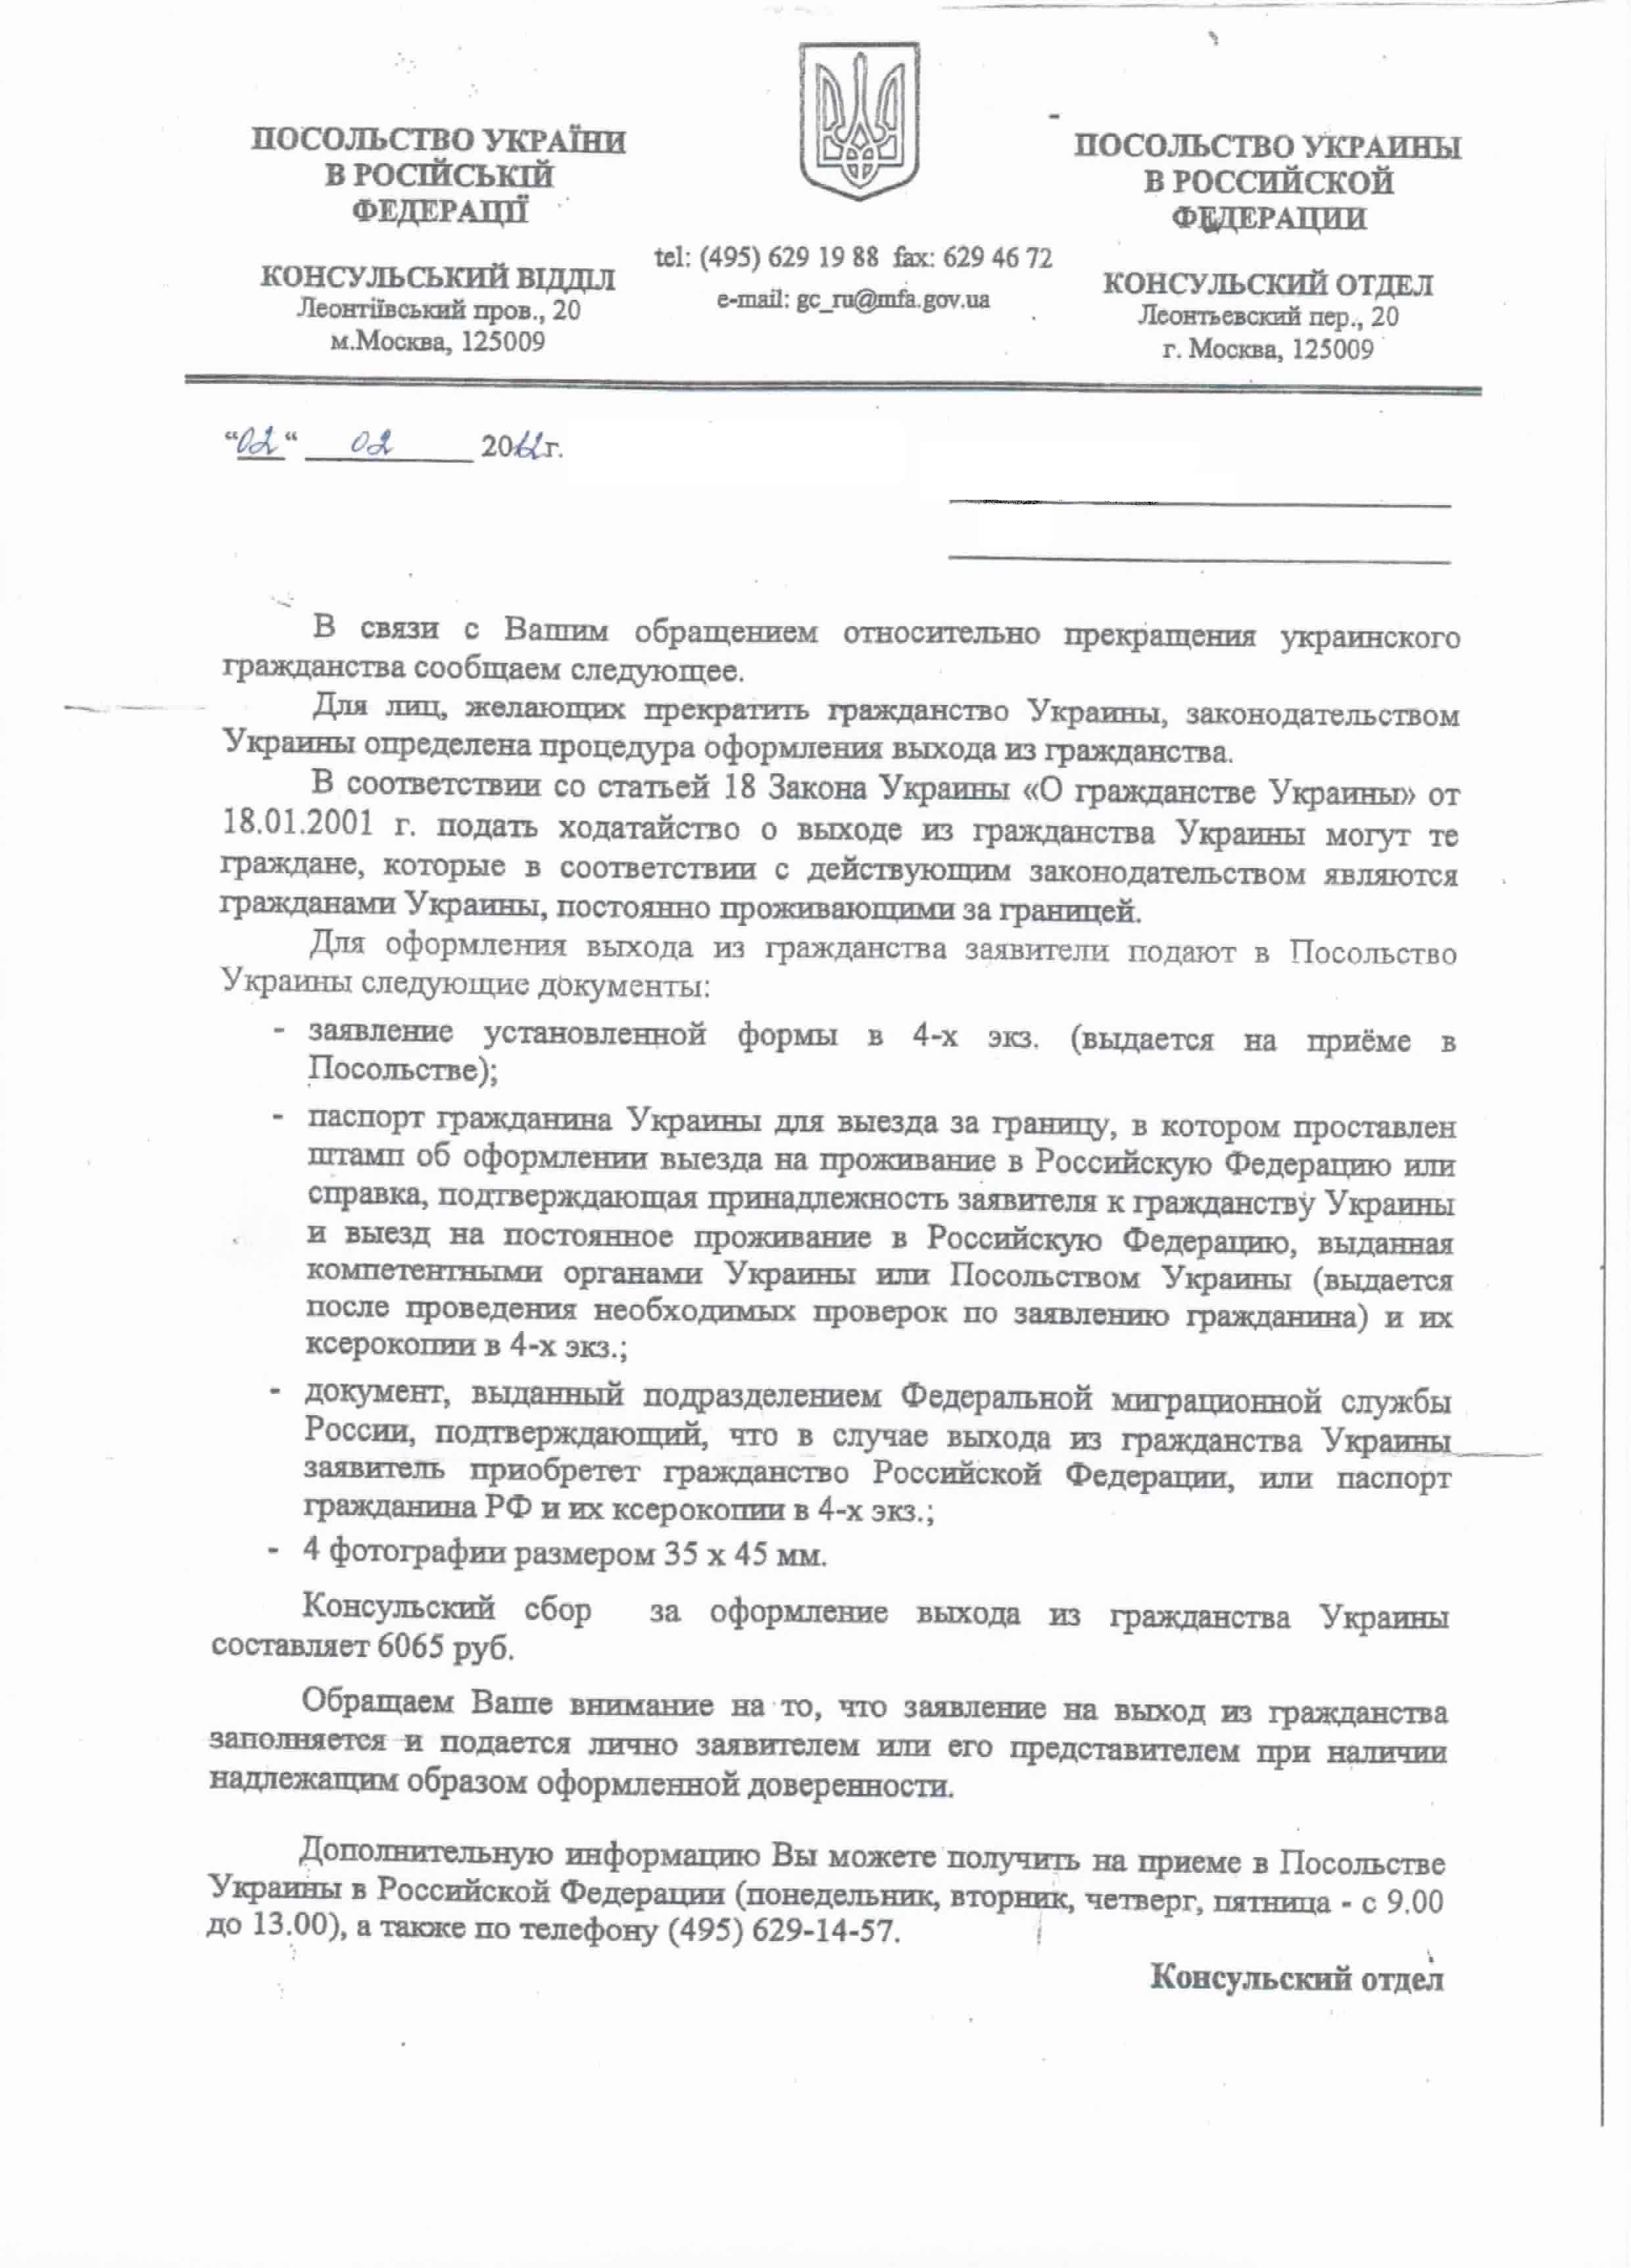 документ о выходе из украинского гражданства